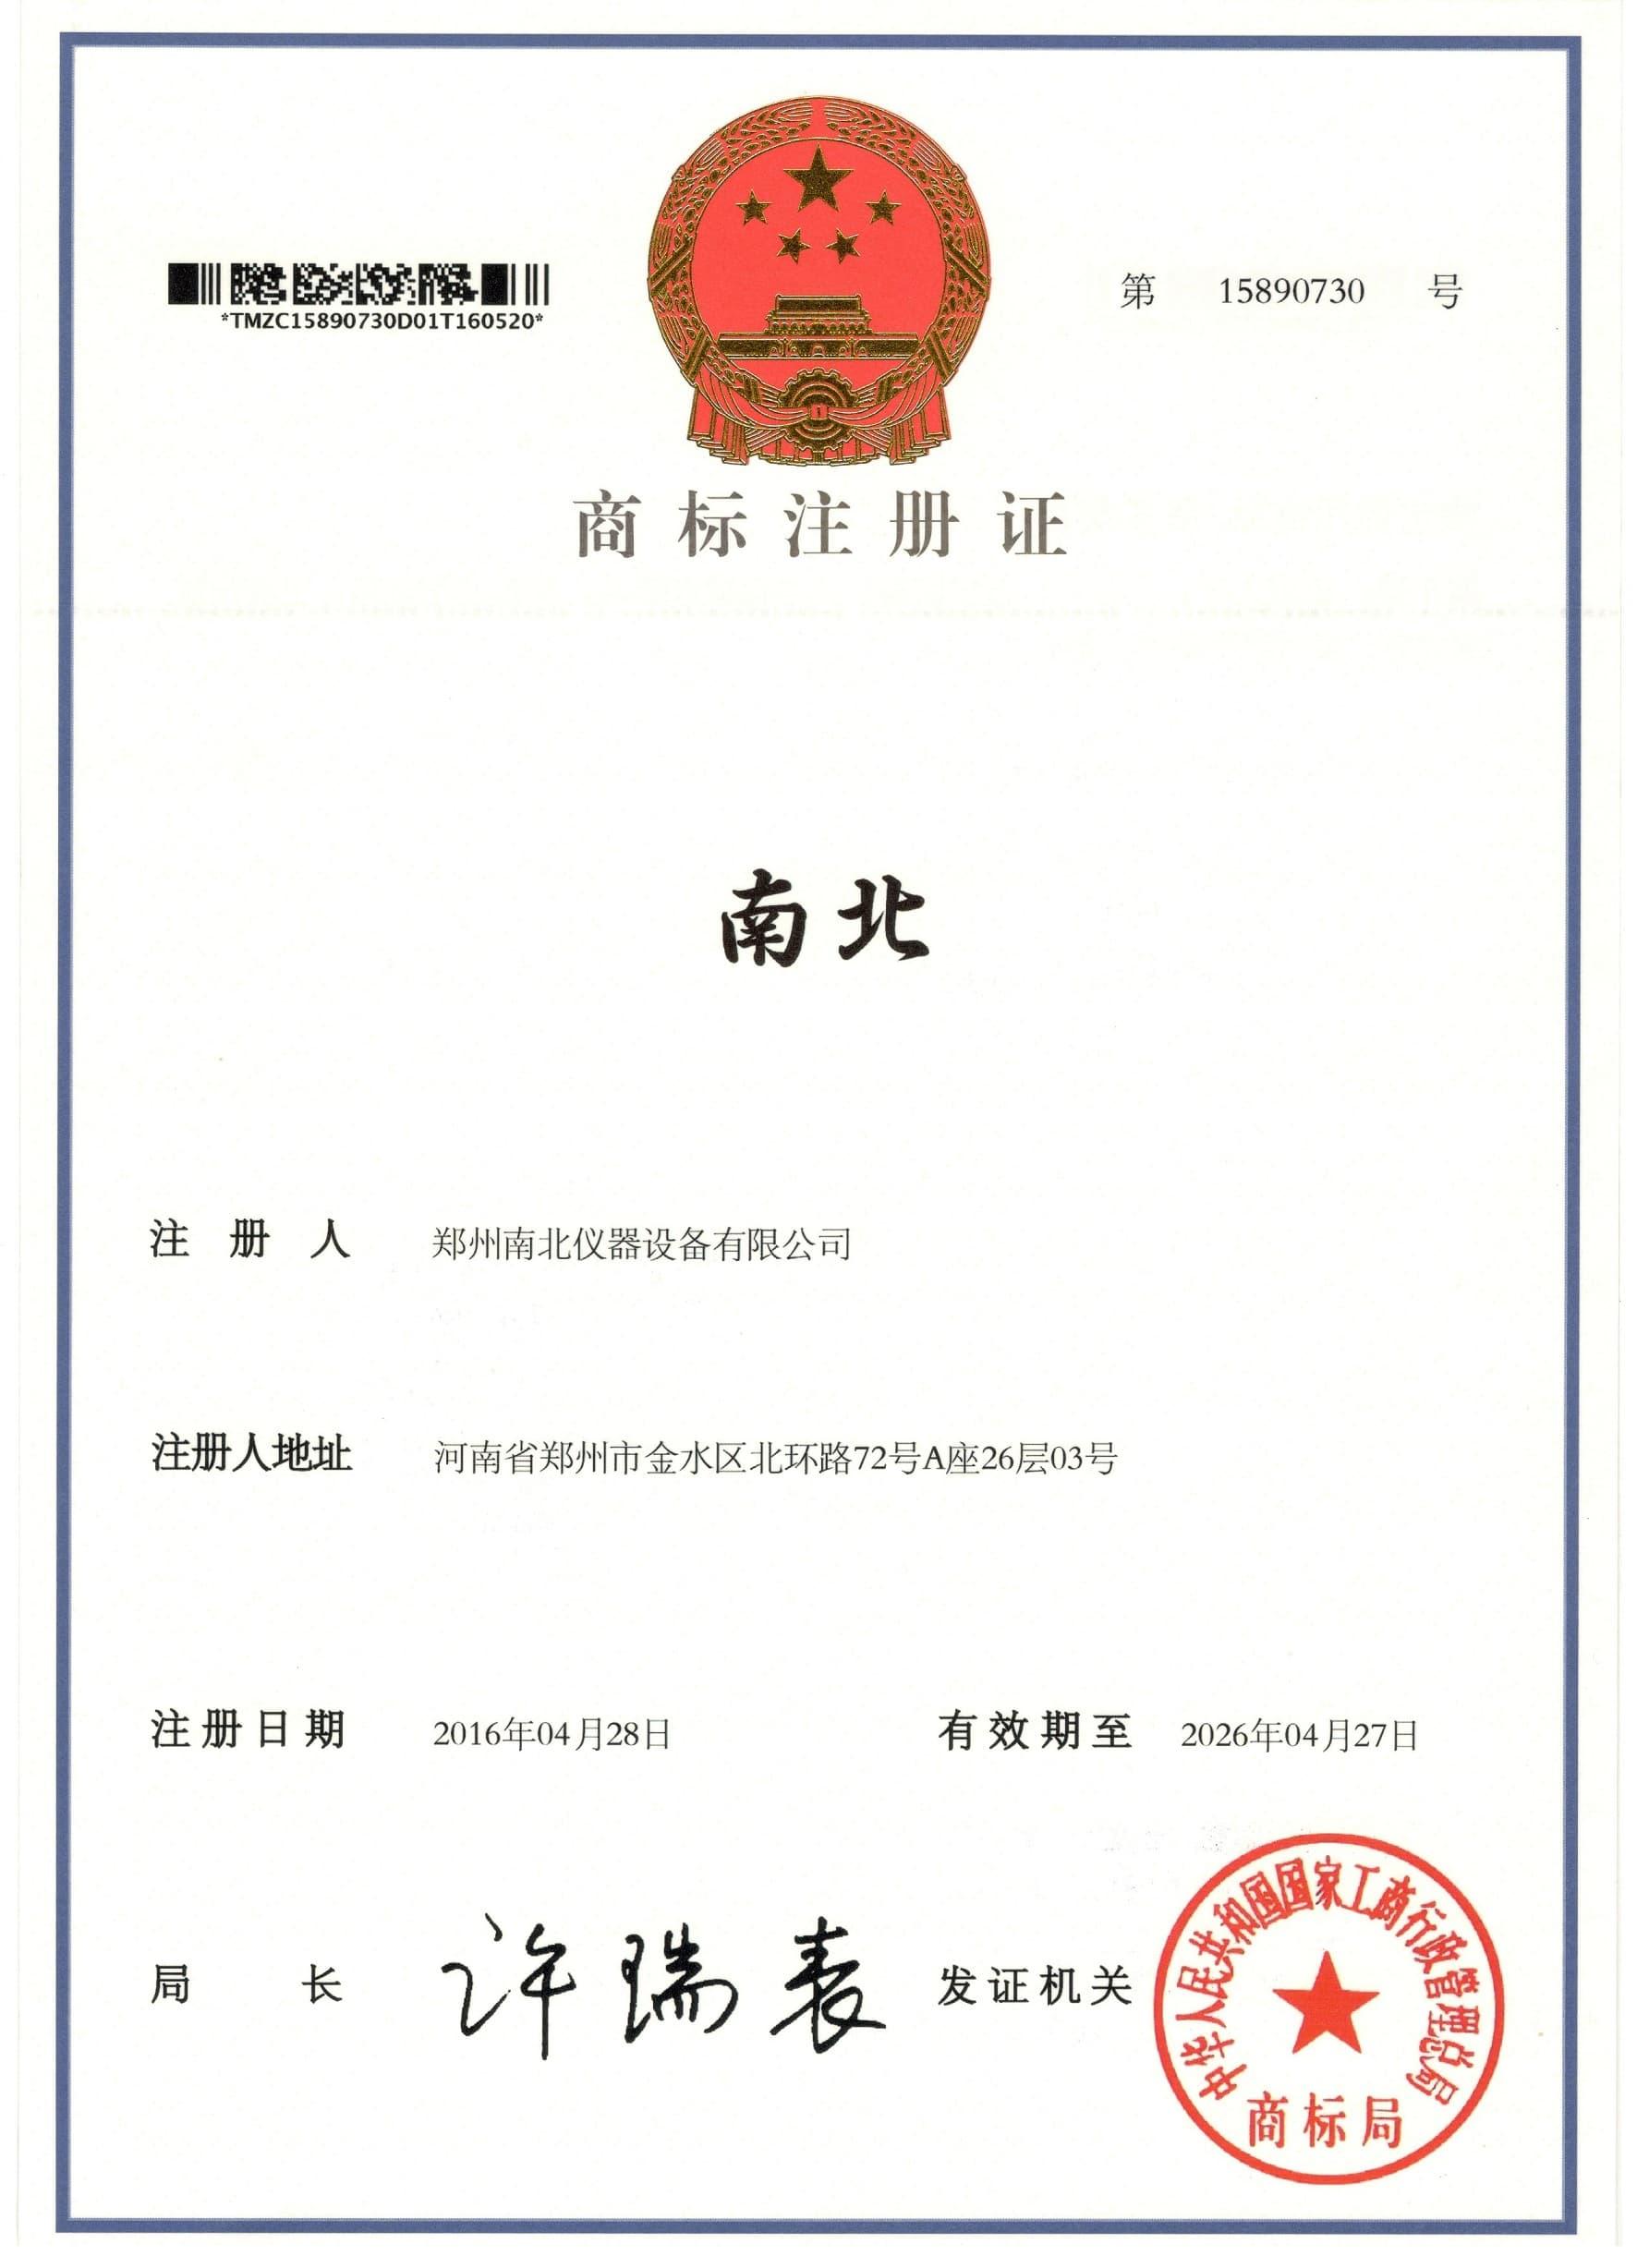 商标注册证南北 (0图)